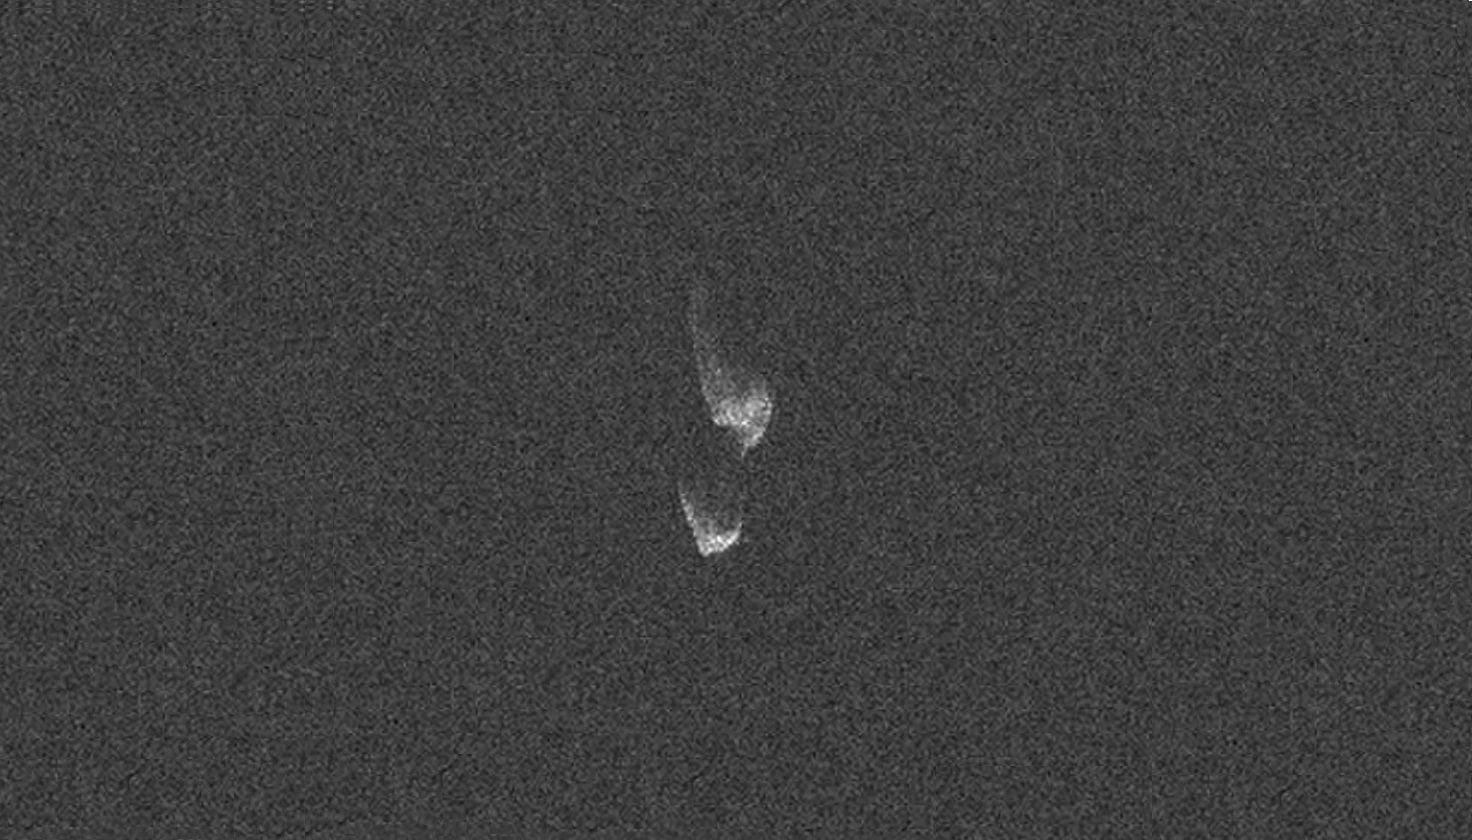 Asteroide in arrivo, stasera passerà vicino alla Terra